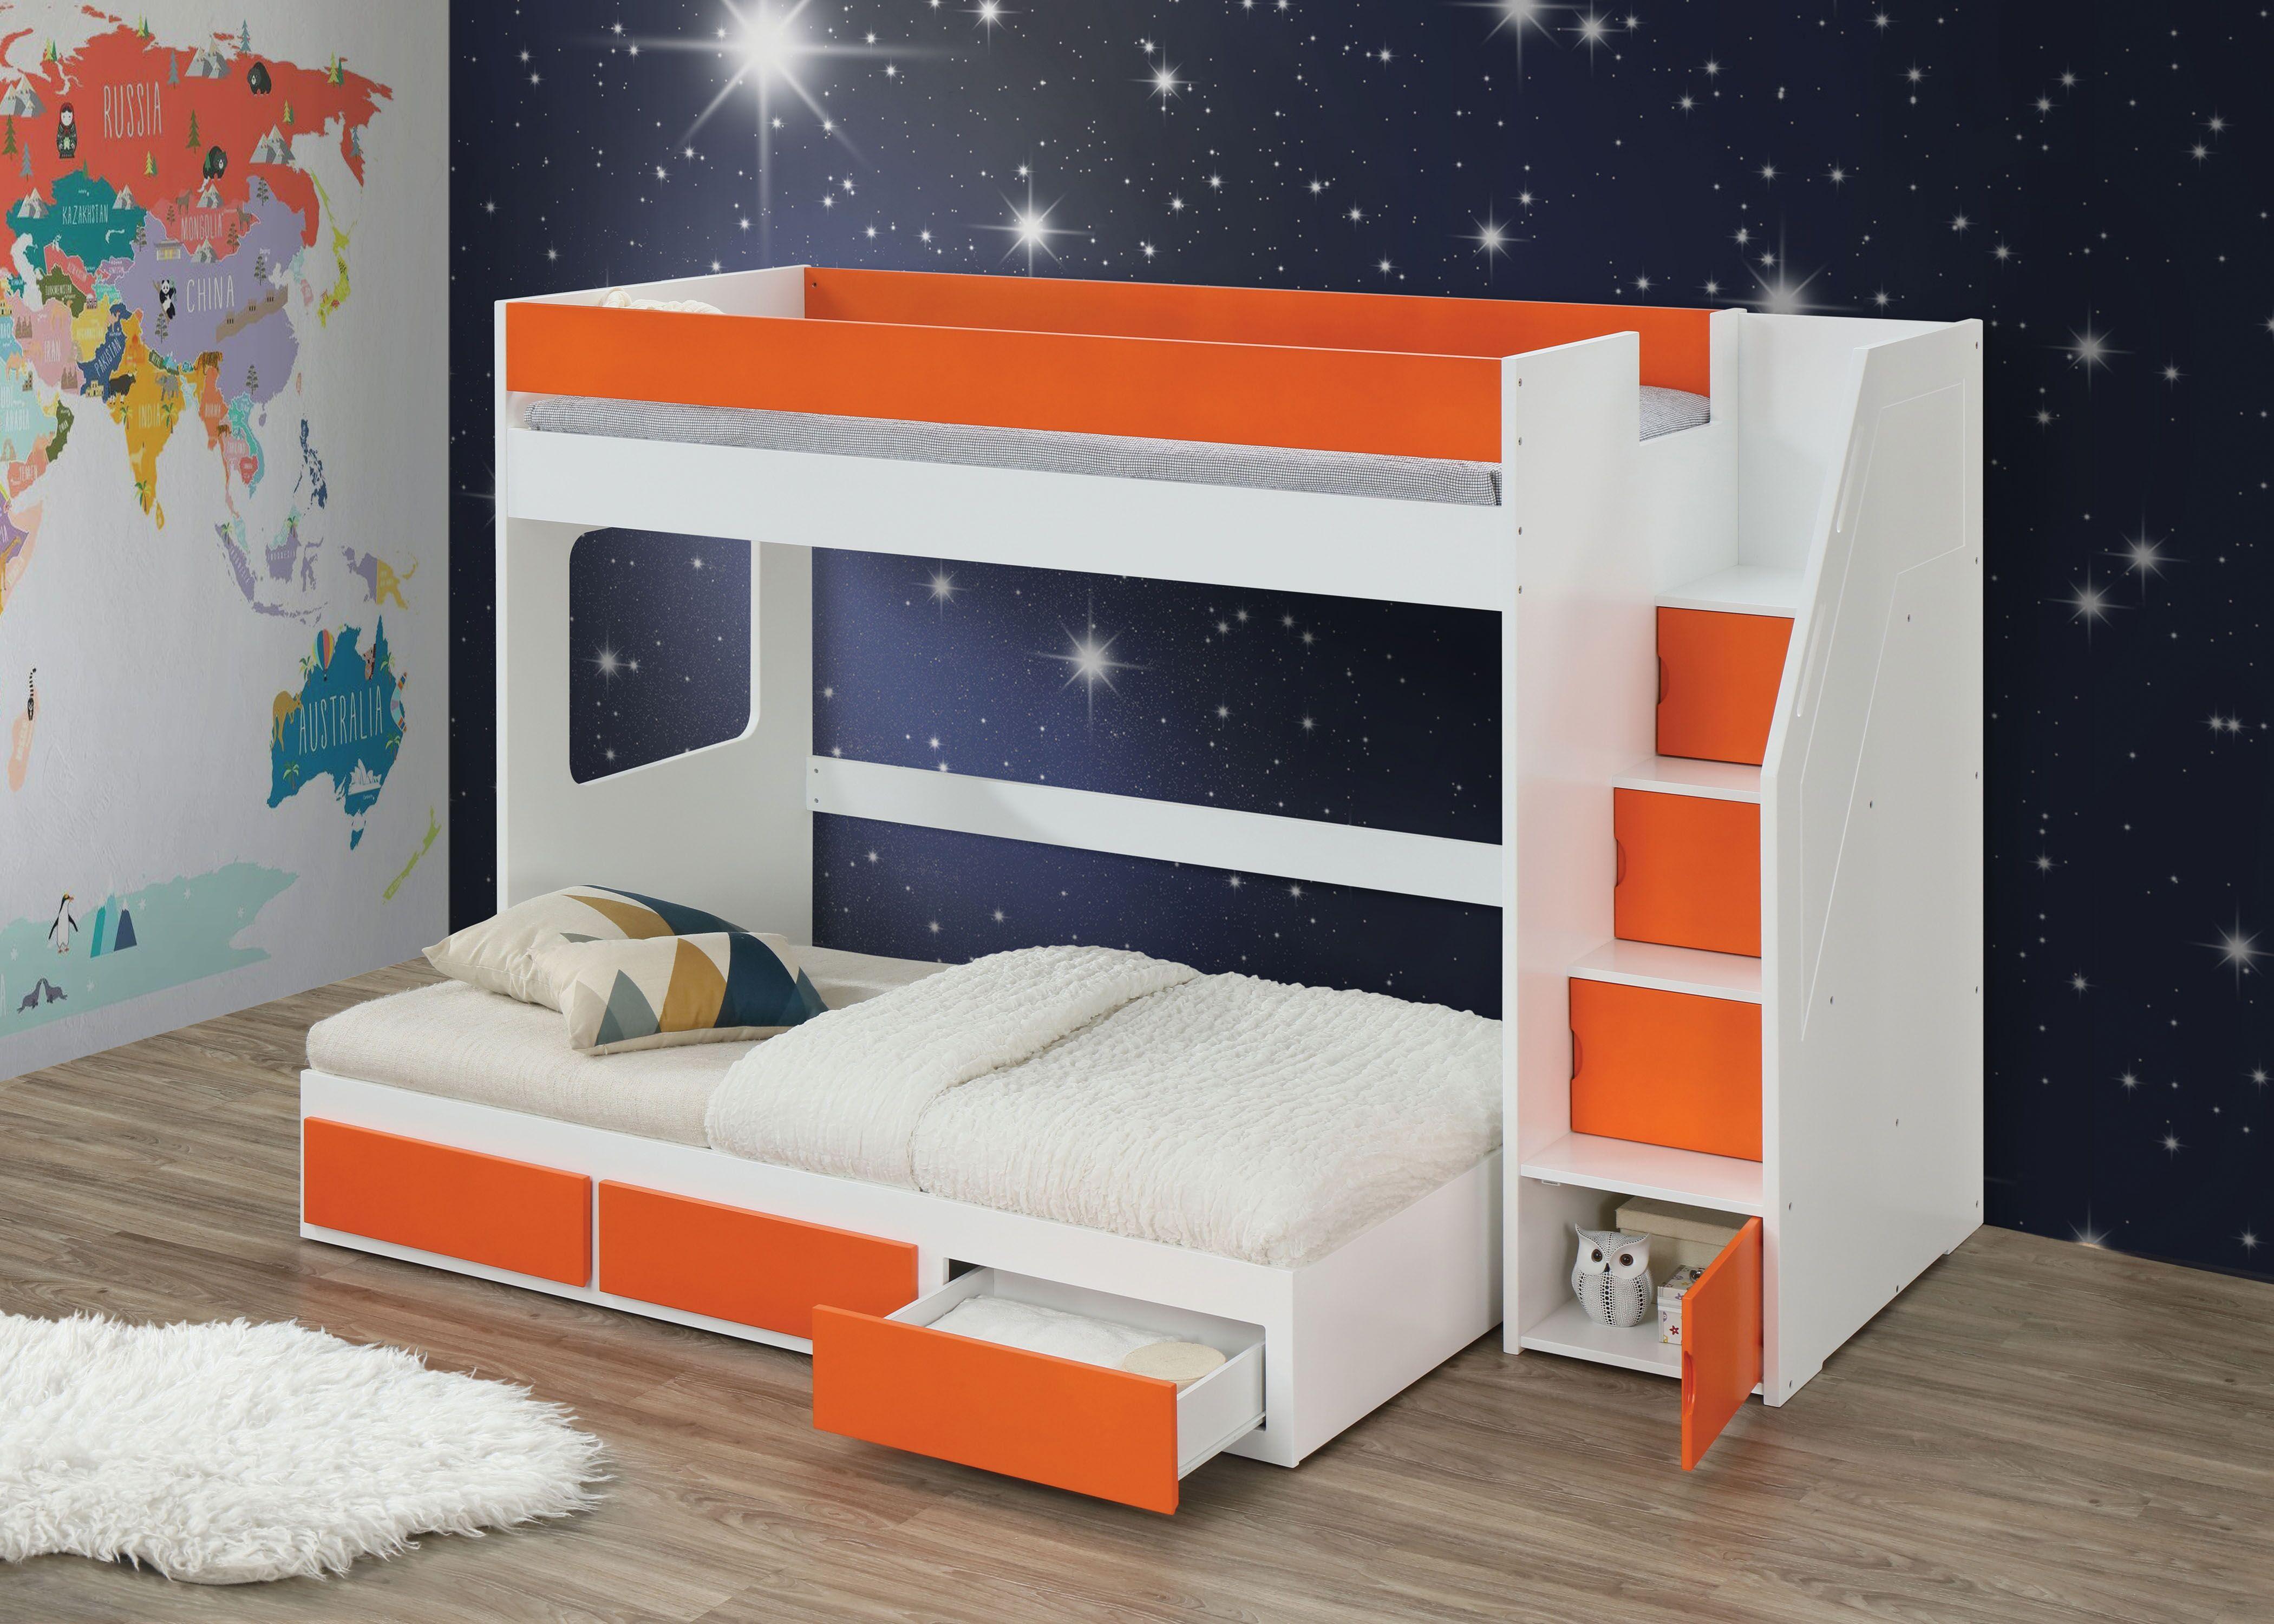 AC 37460 LAWSON LOFT BED